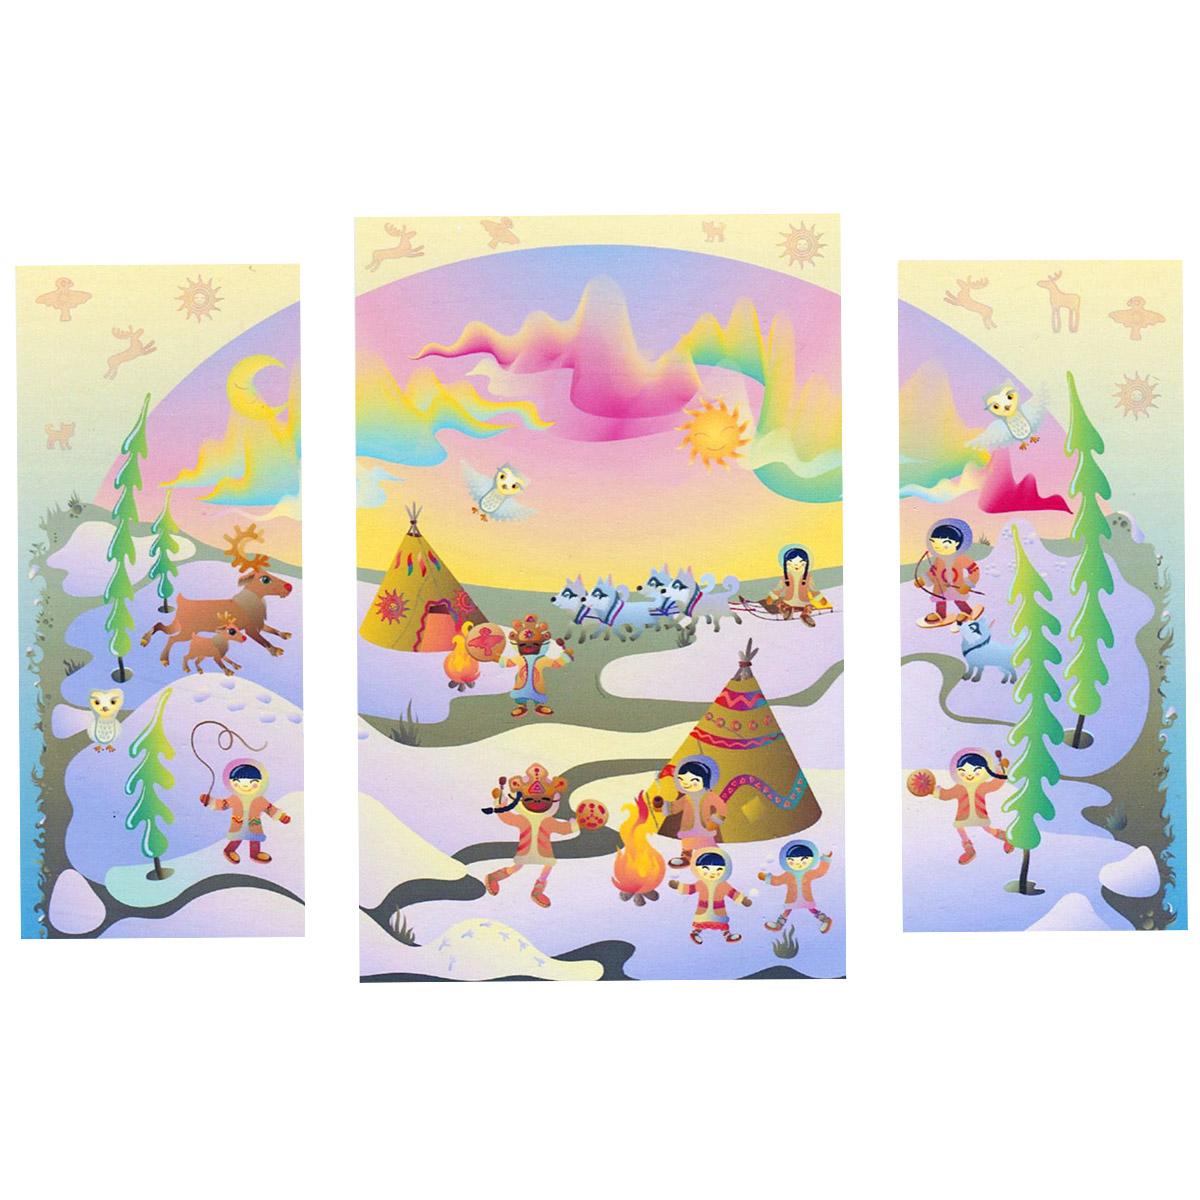 Модульная картина на холсте КвикДекор  Северное сияние , 116 см х 80 см -  Детская комната